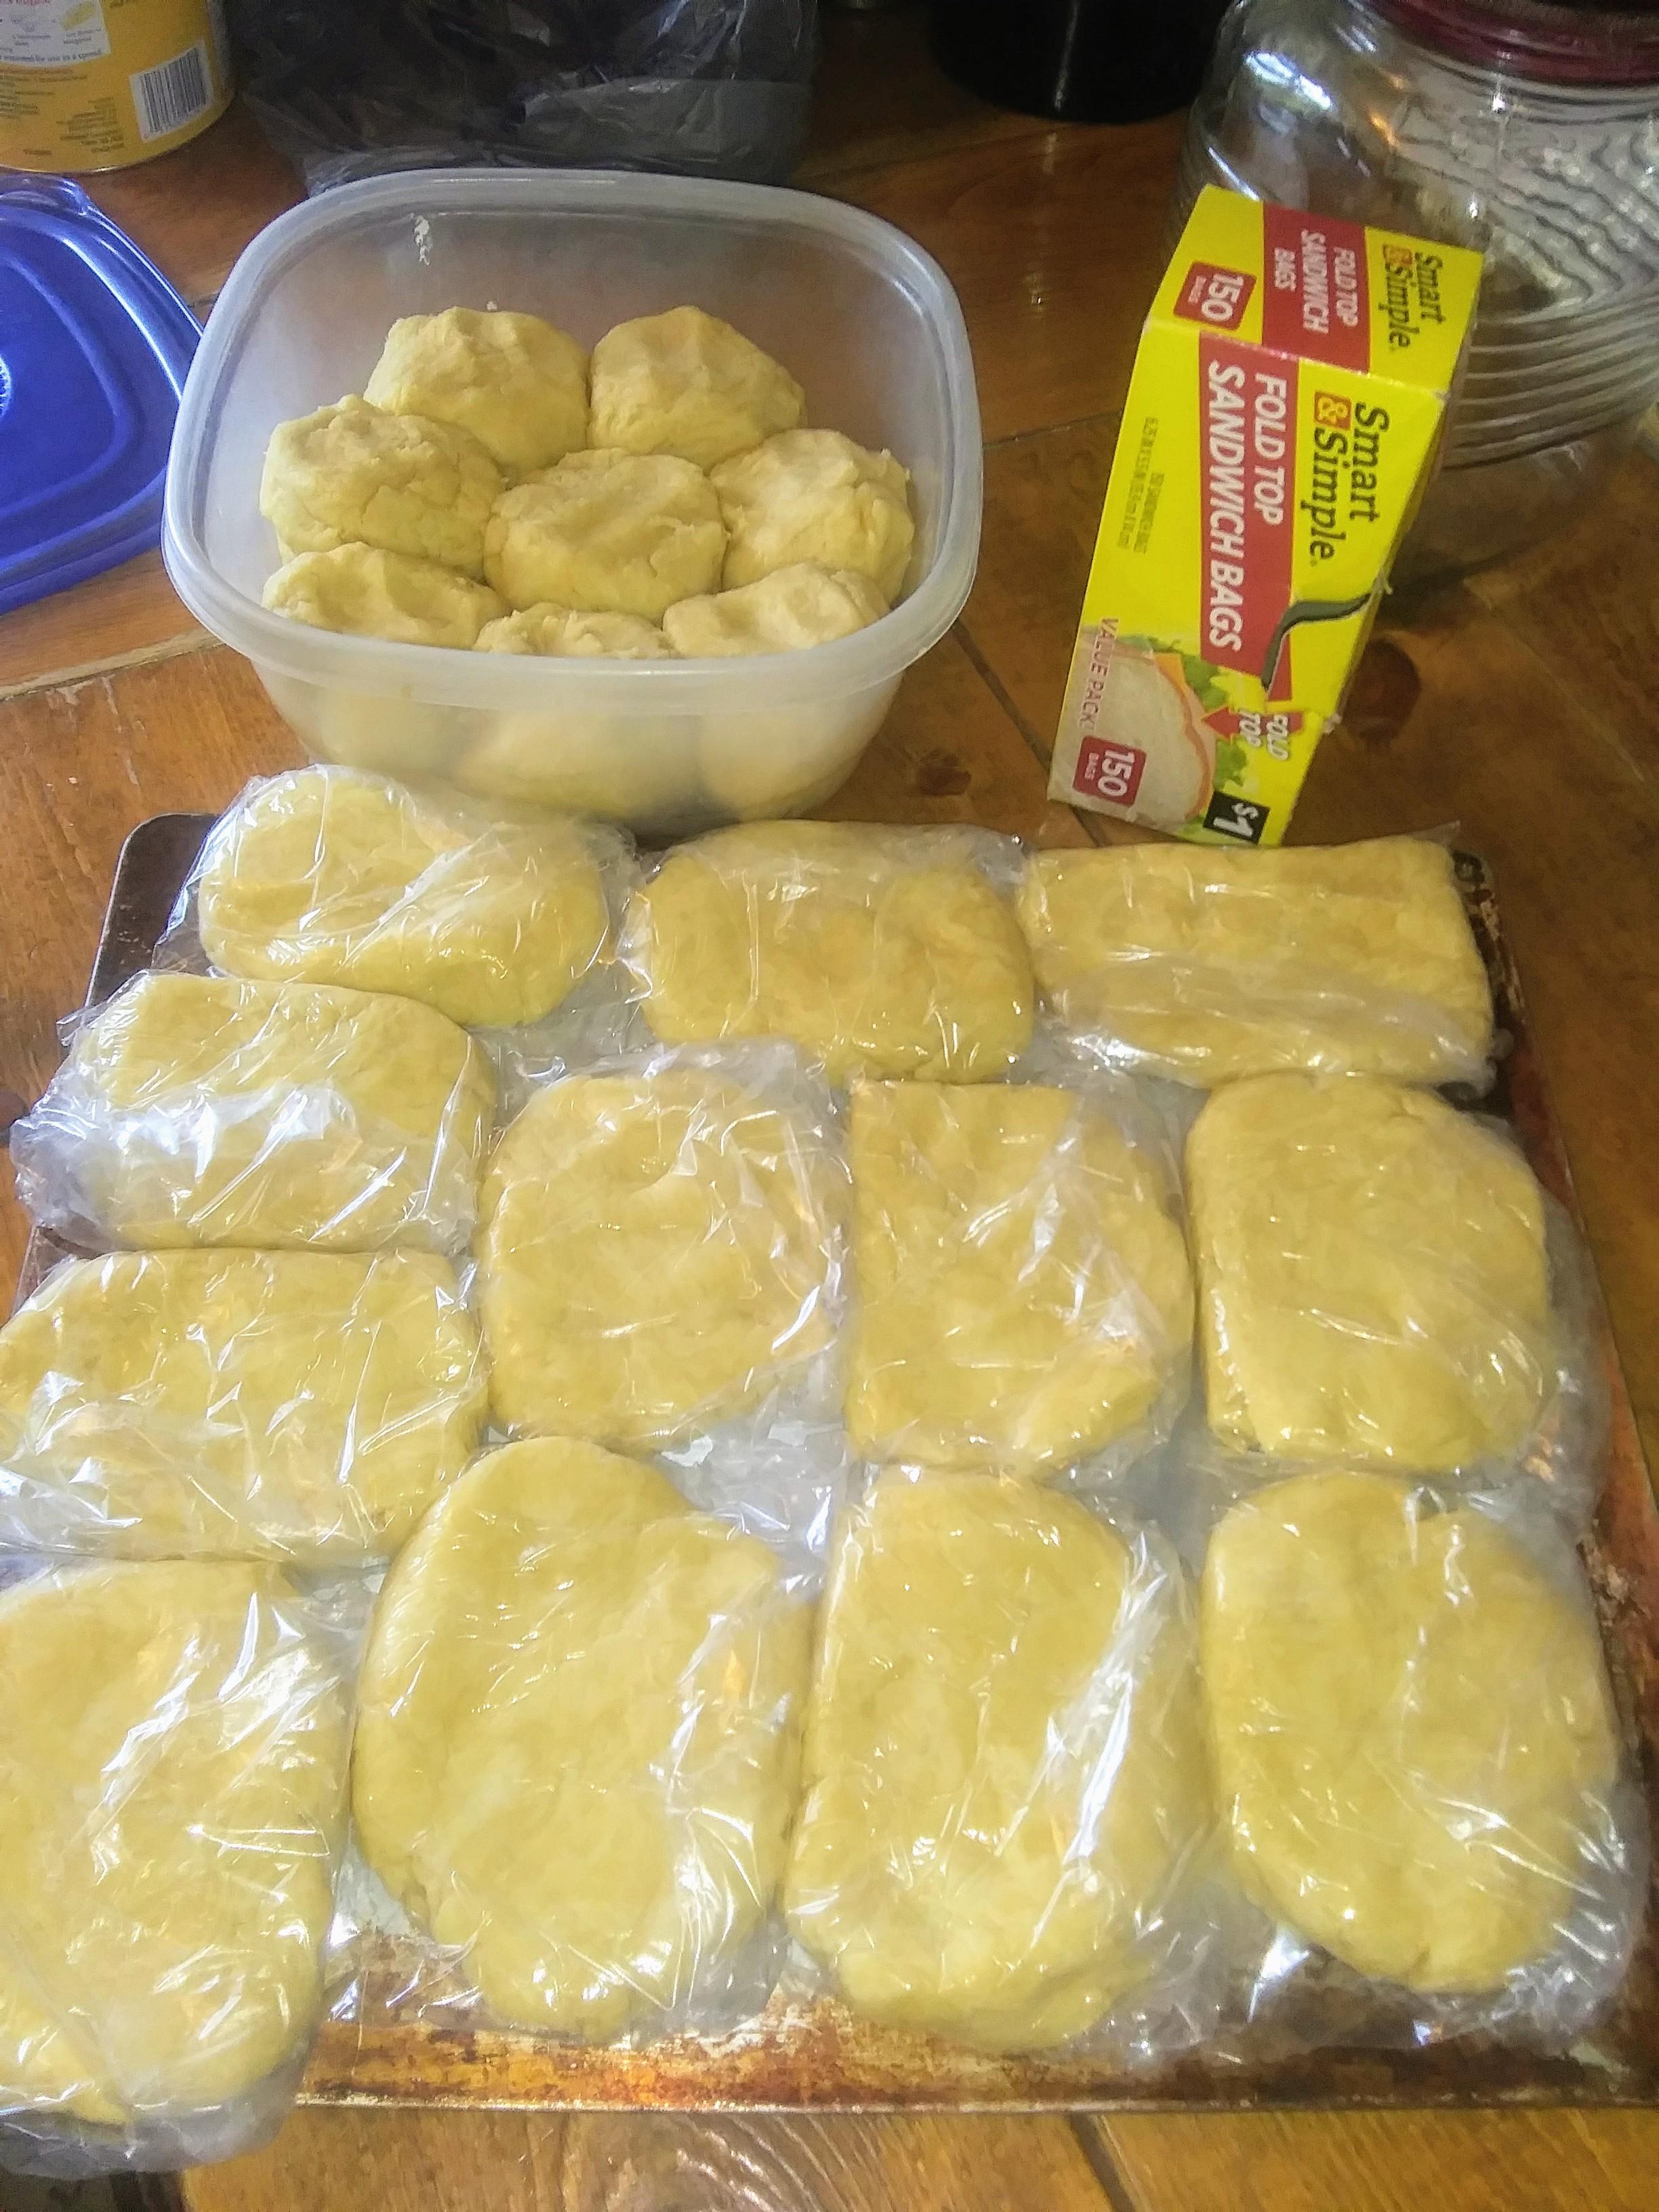 Freezer Pie Crust Dough - haphazardhomemaker.com